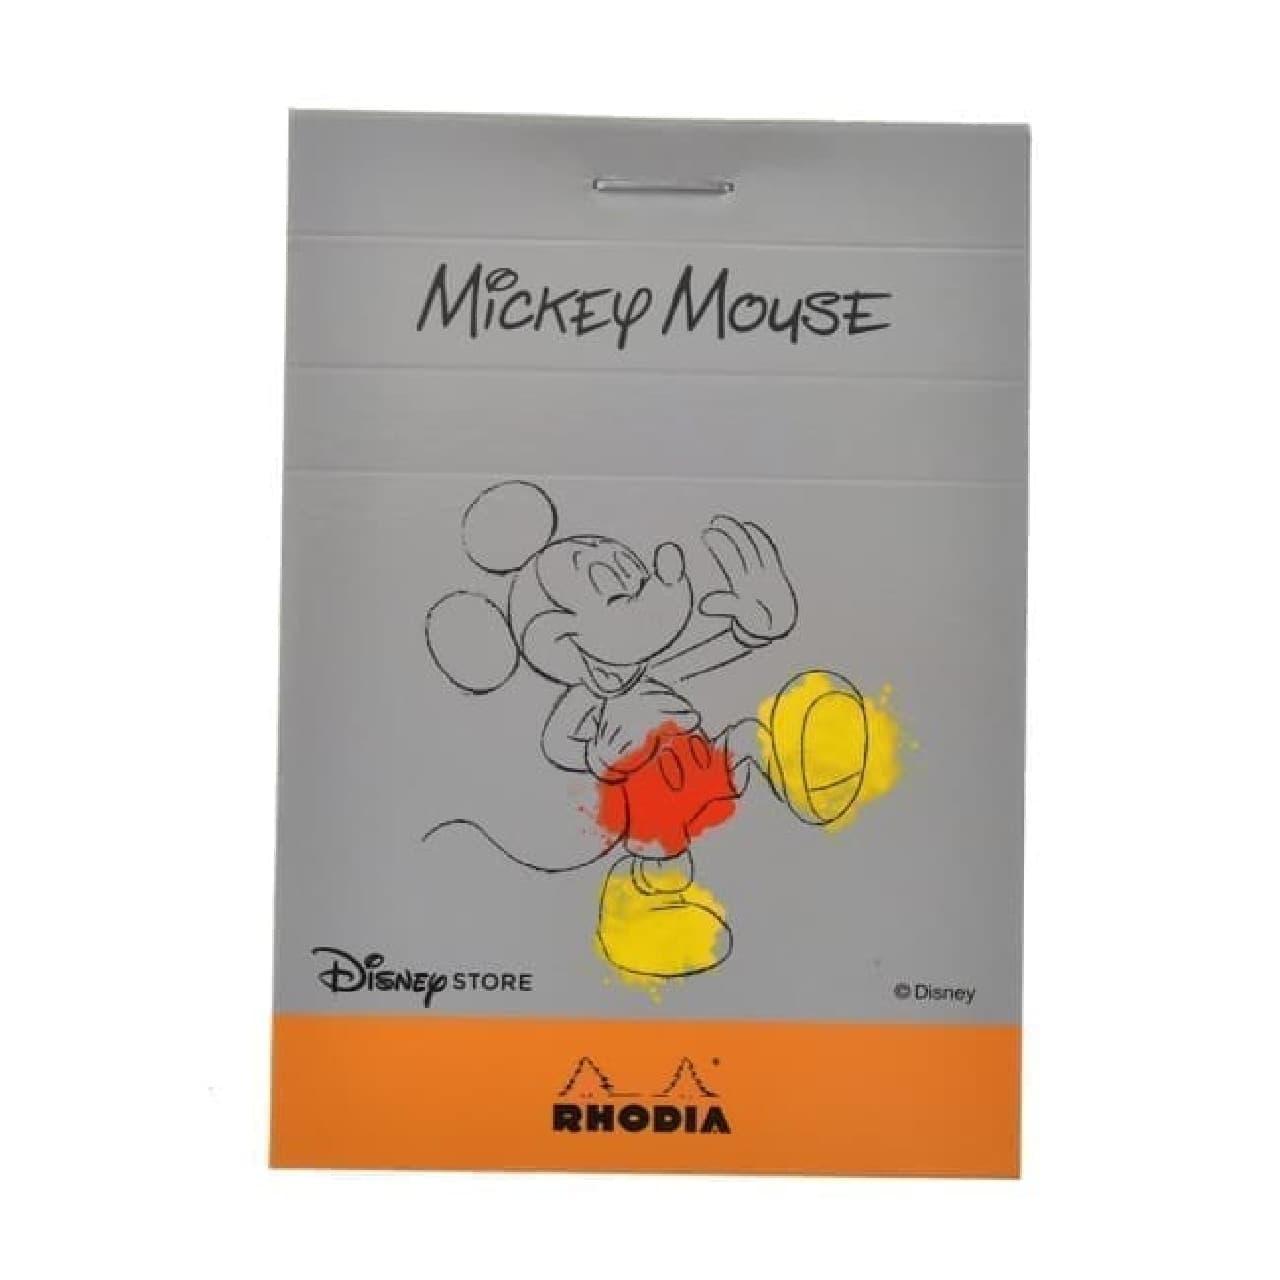 ディズニーがメモ帳「ブロックロディア」の表紙に!ミッキーやドナルドなど全5種類